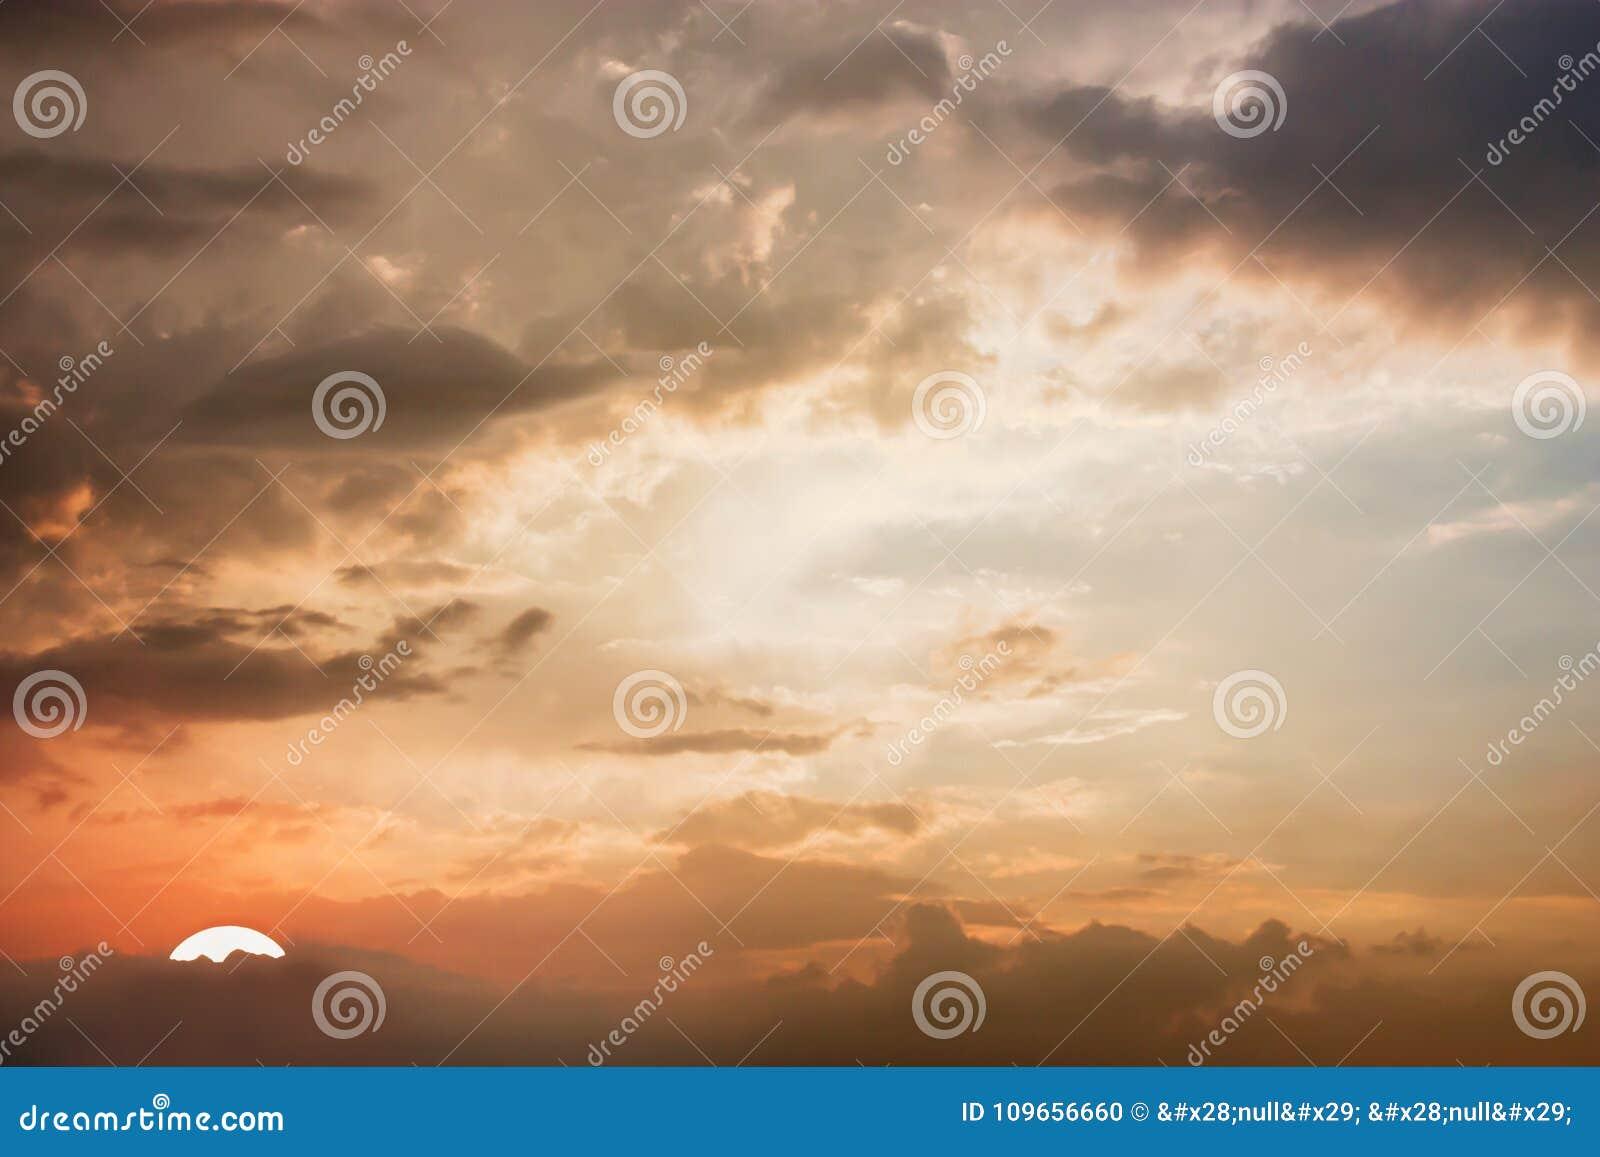 Drastische Atmosphärenpanoramaansicht des schönen Dämmerungshimmels und